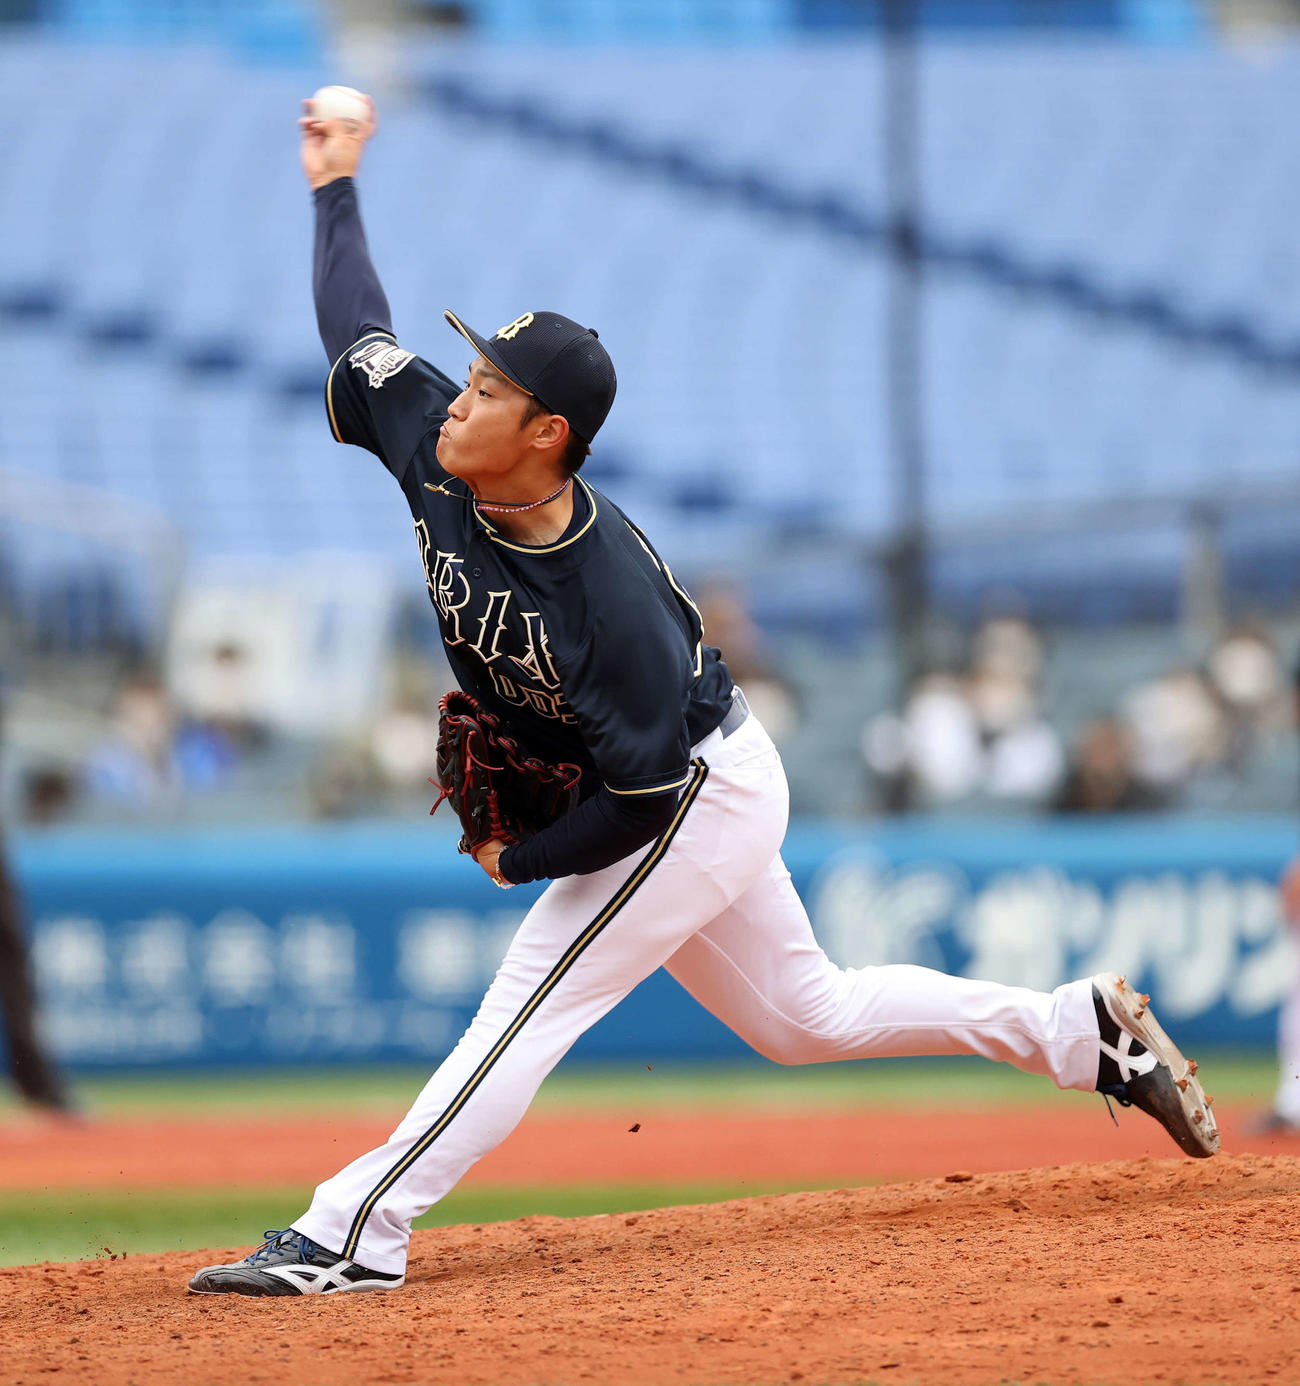 DeNA対オリックス 5番手で力投するオリックス中田(撮影・鈴木正人)